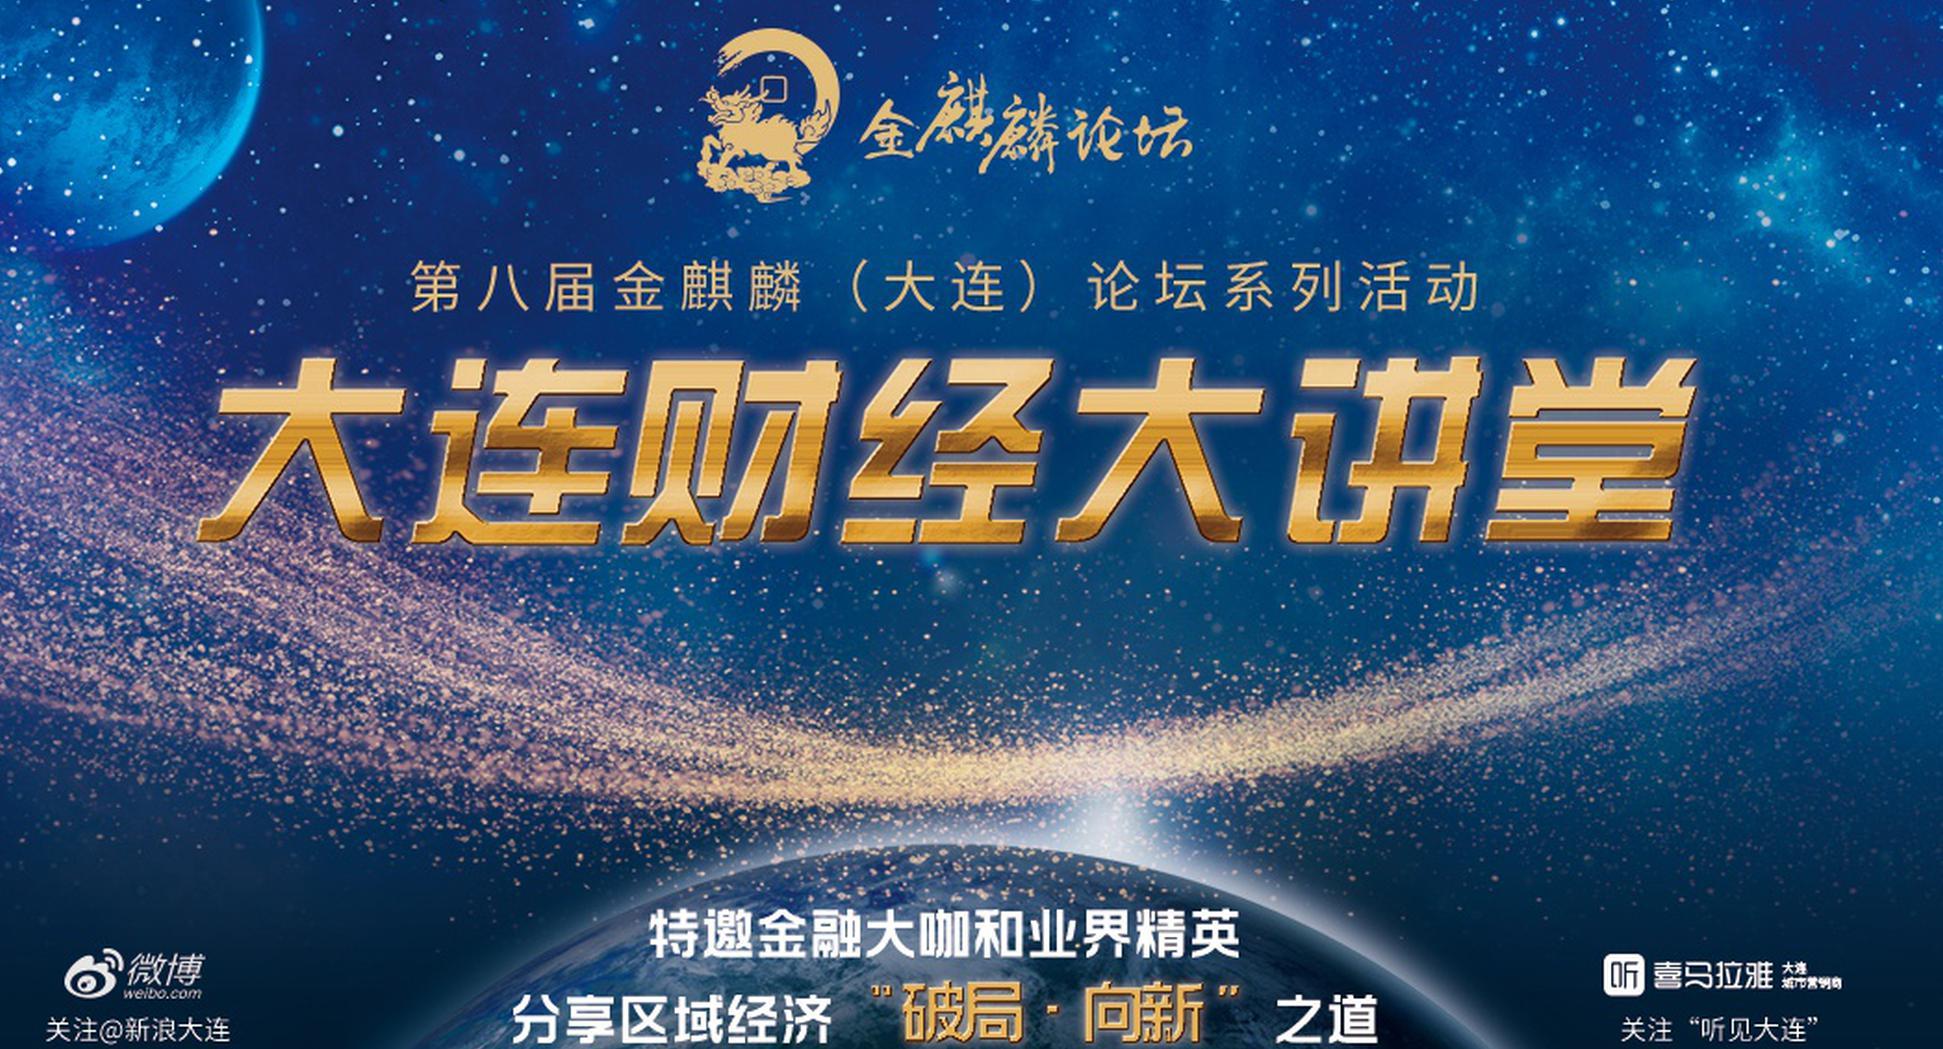 2020大连金麒麟奖评选活动12月1日正式启动